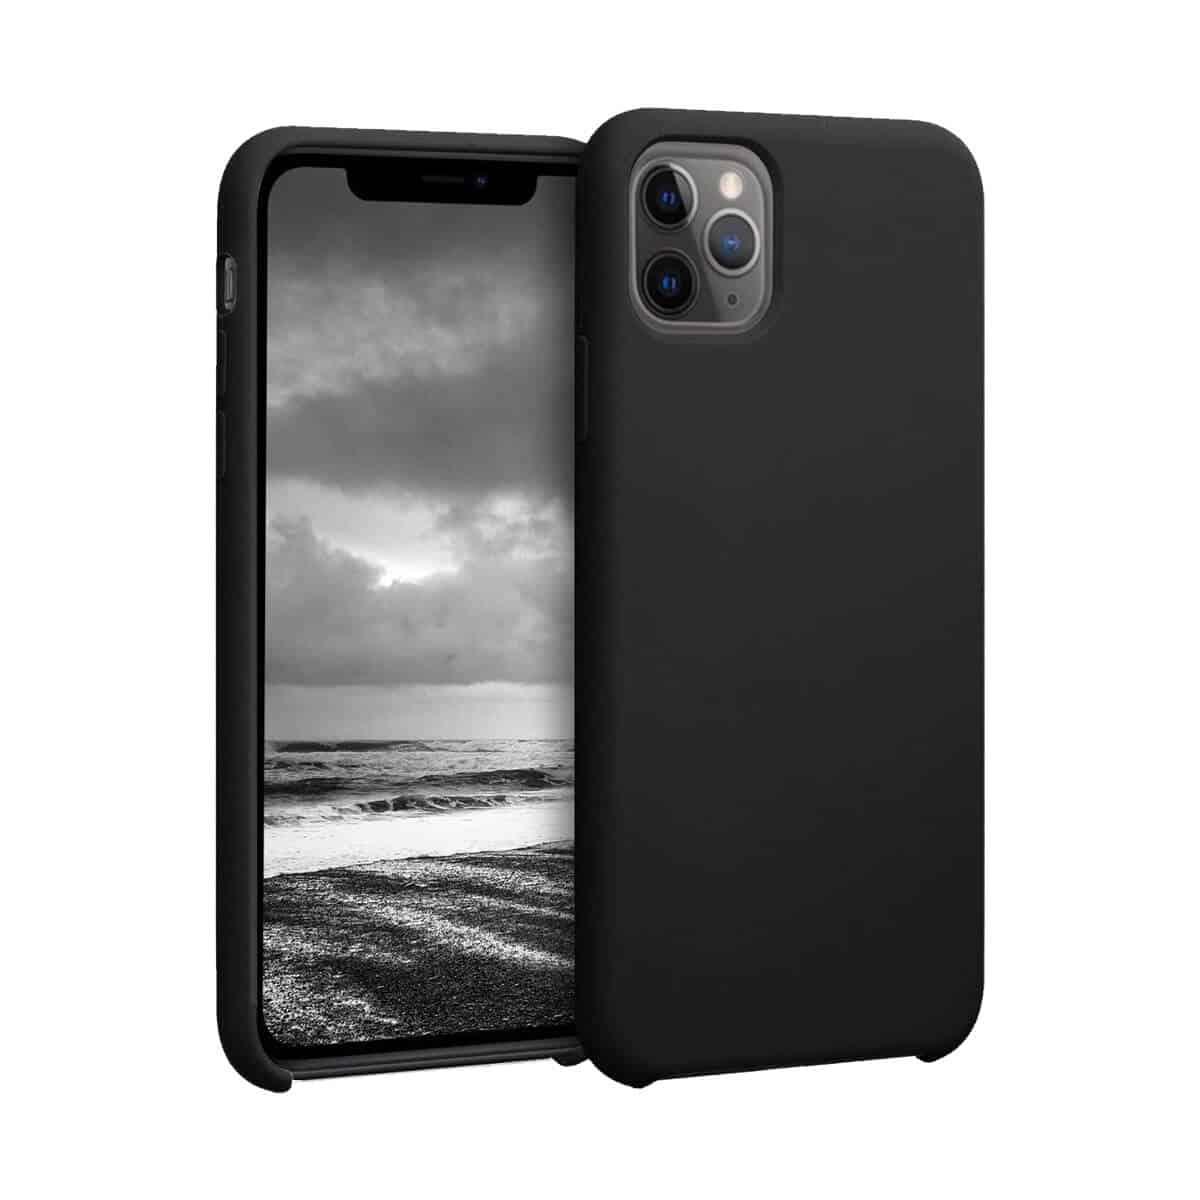 husa-carcasa-edman-pentru-iphone-11-pro-max-negru